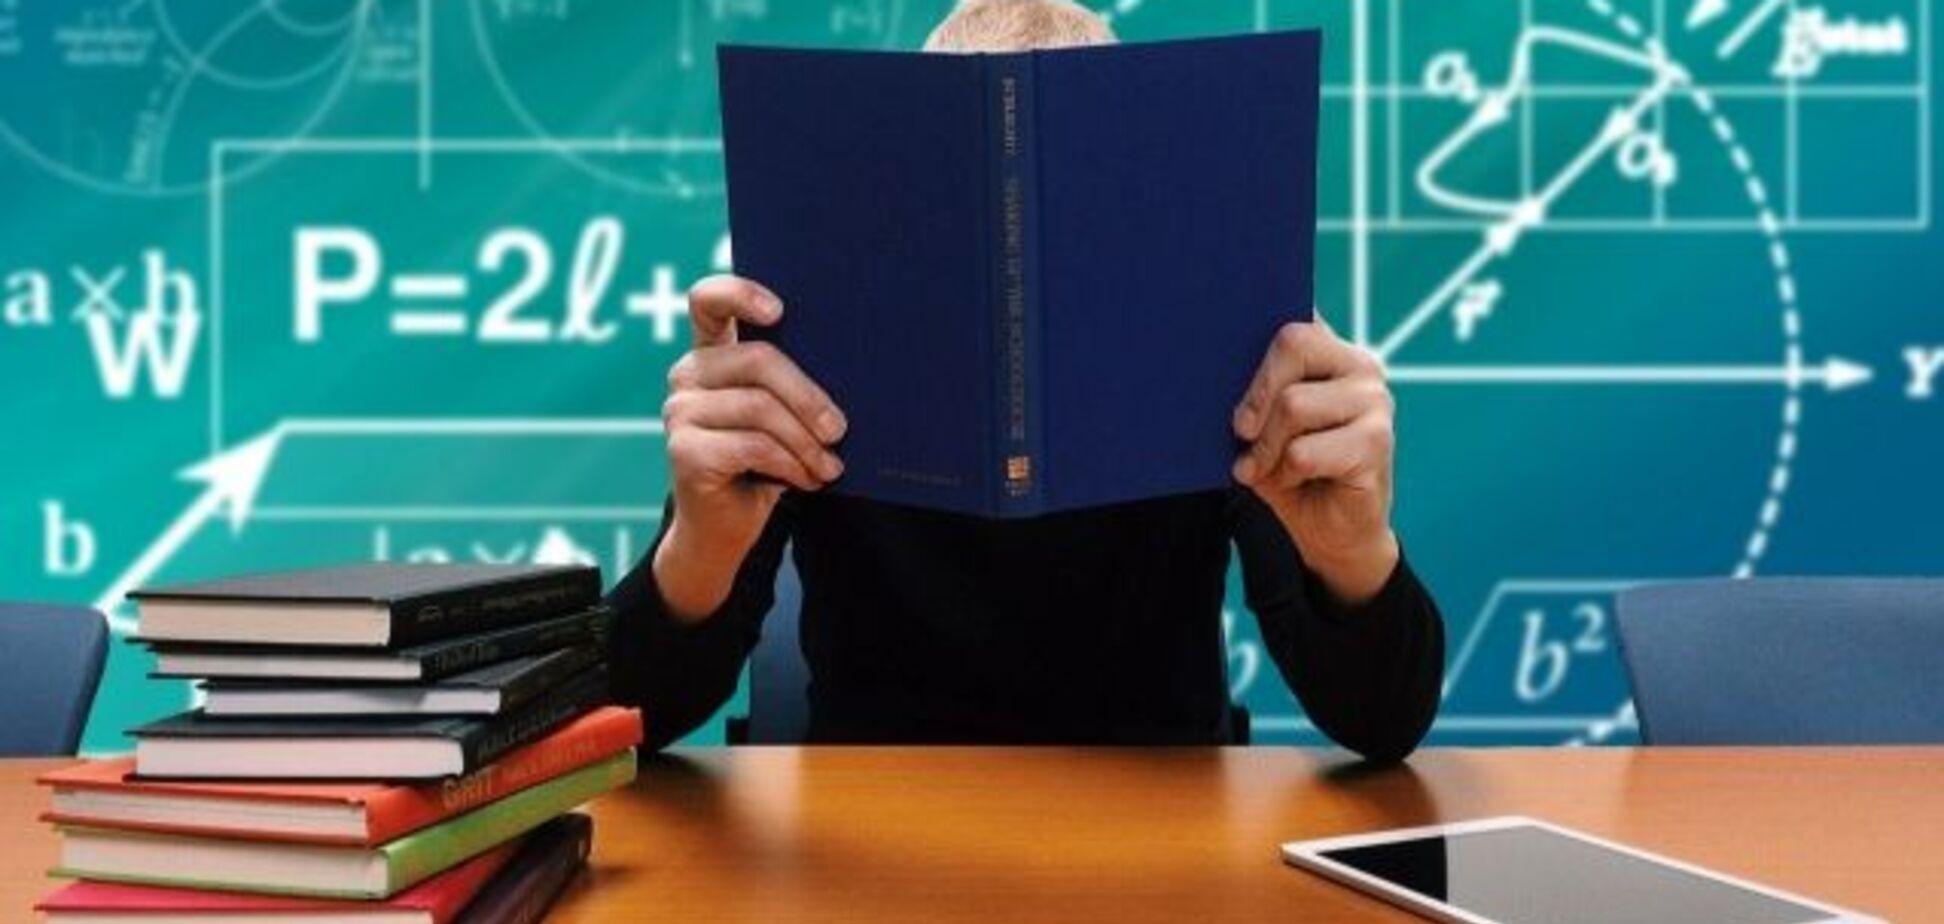 Дистанційне навчання у ВНЗ Дніпра: як воно дається студентам і викладачам